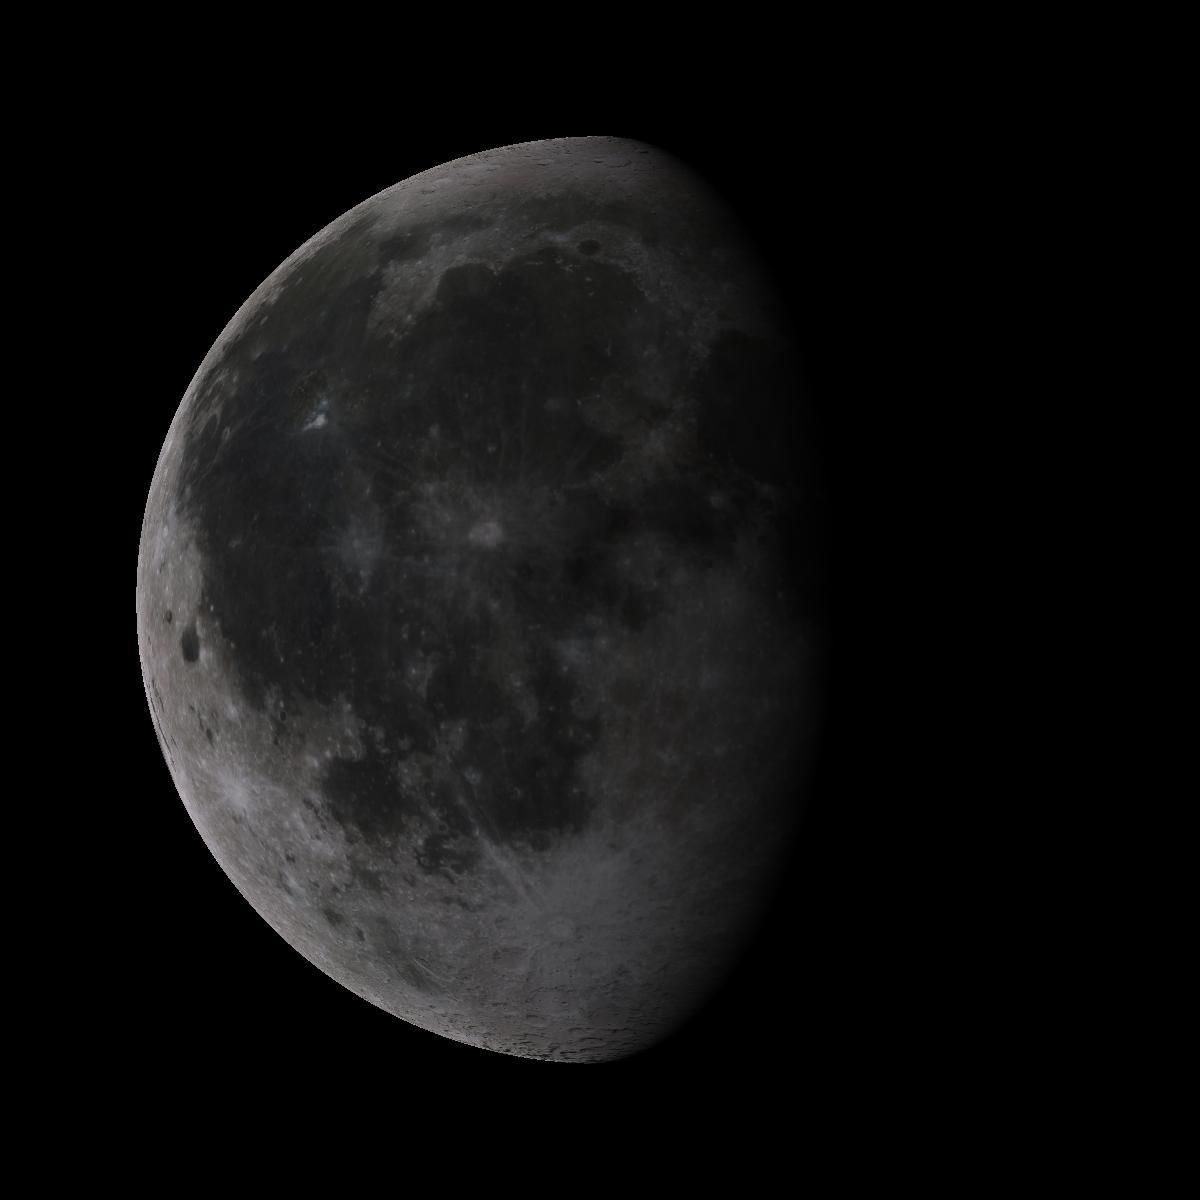 Lune du 19 octobre 2019